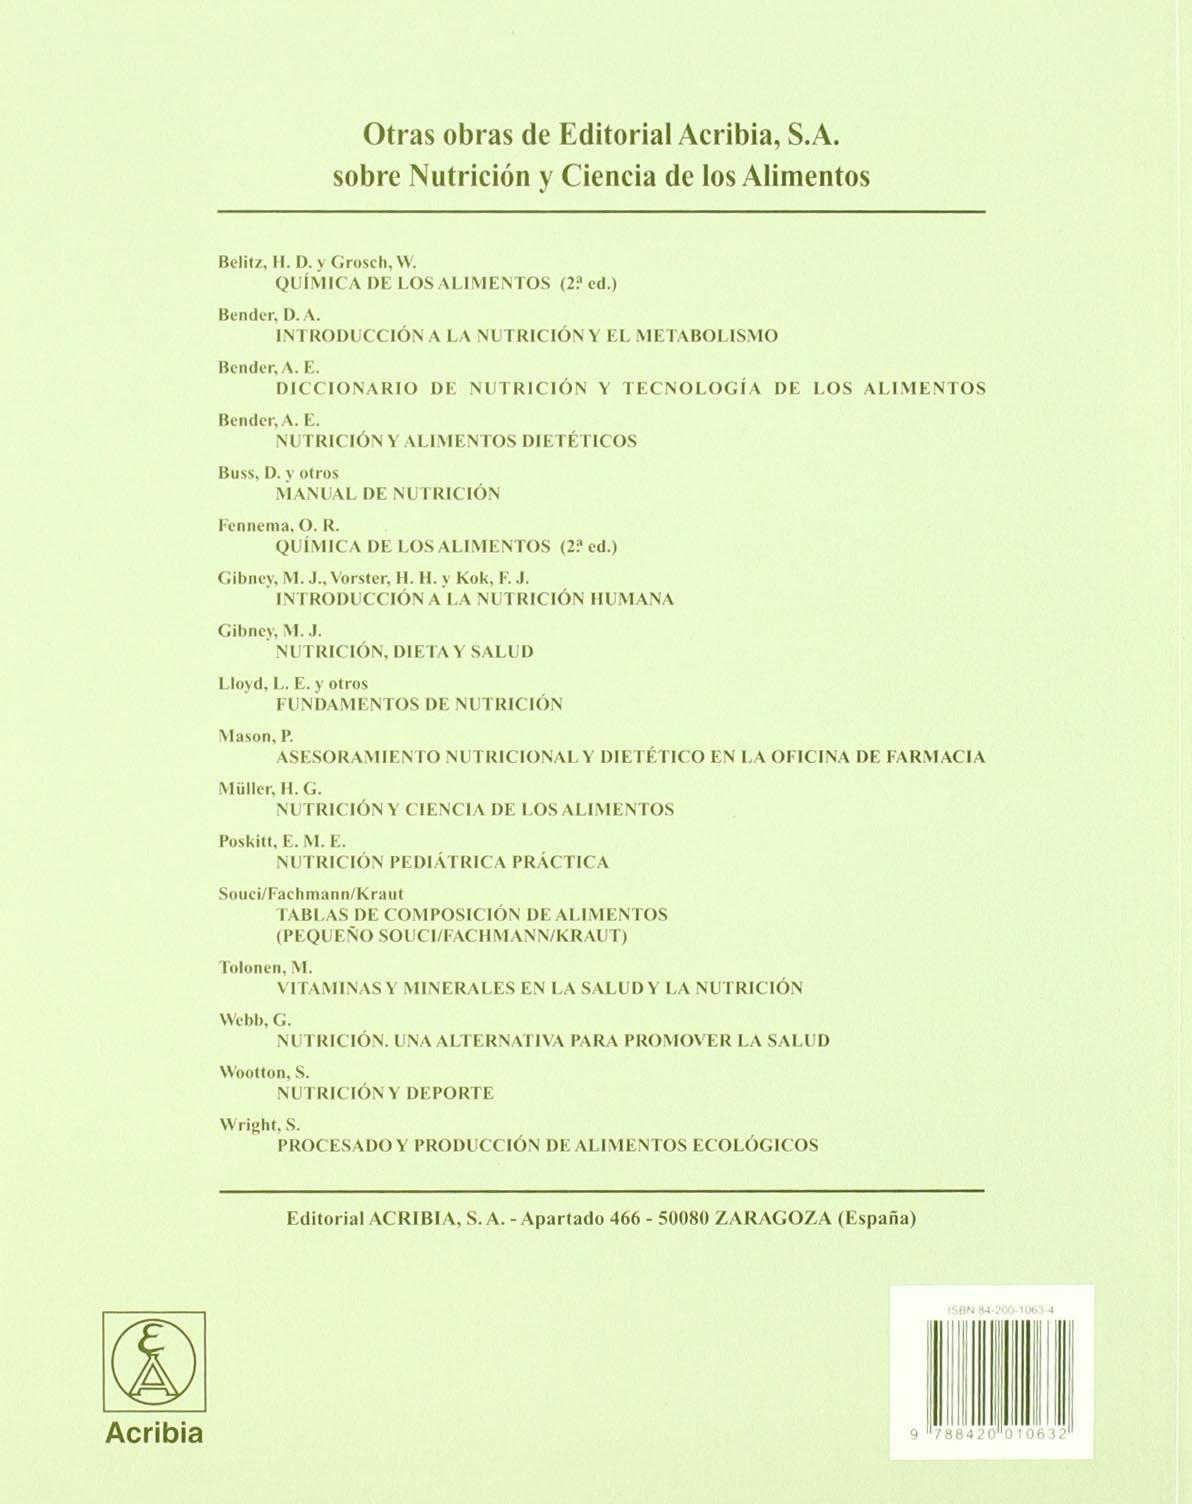 Nutrición y metabolismo: Amazon.es: M. J ., MACDONALD, I. A. Y ROCHE, H. M. GIBNEY: Libros